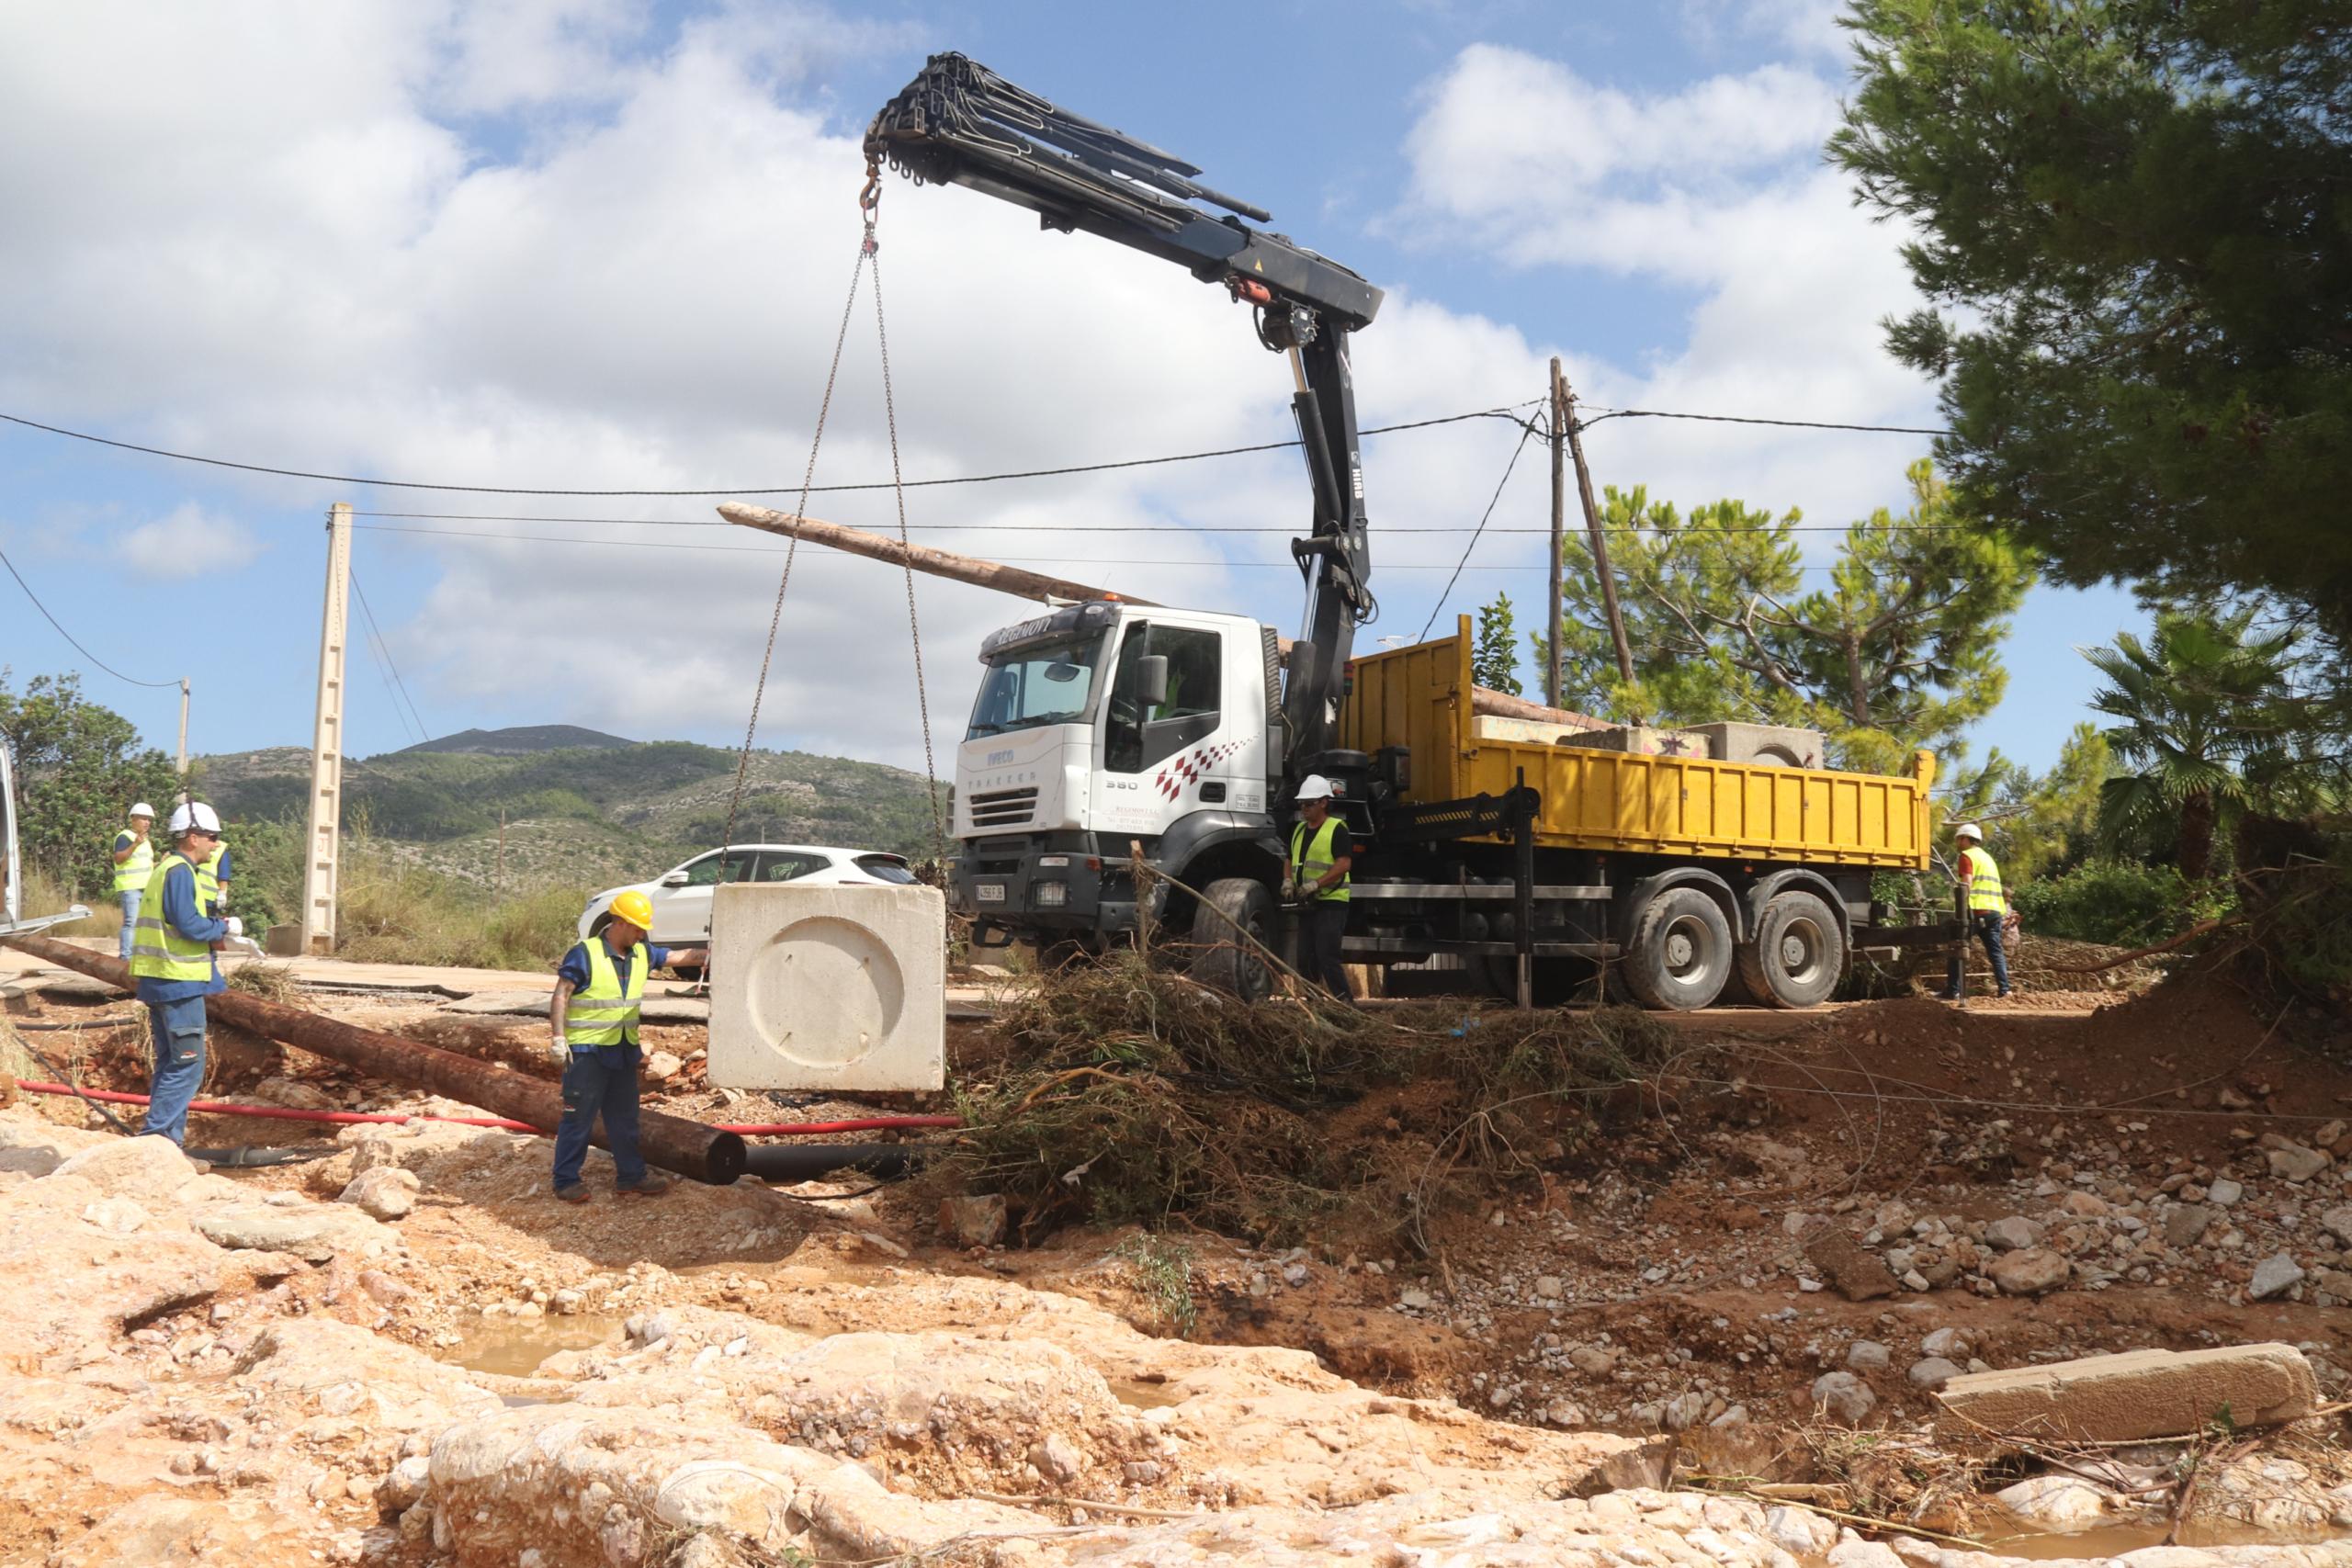 L'actuació d'Endesa per reparar la línia elèctrica afectada pels aiguats a Alcanar   ACN